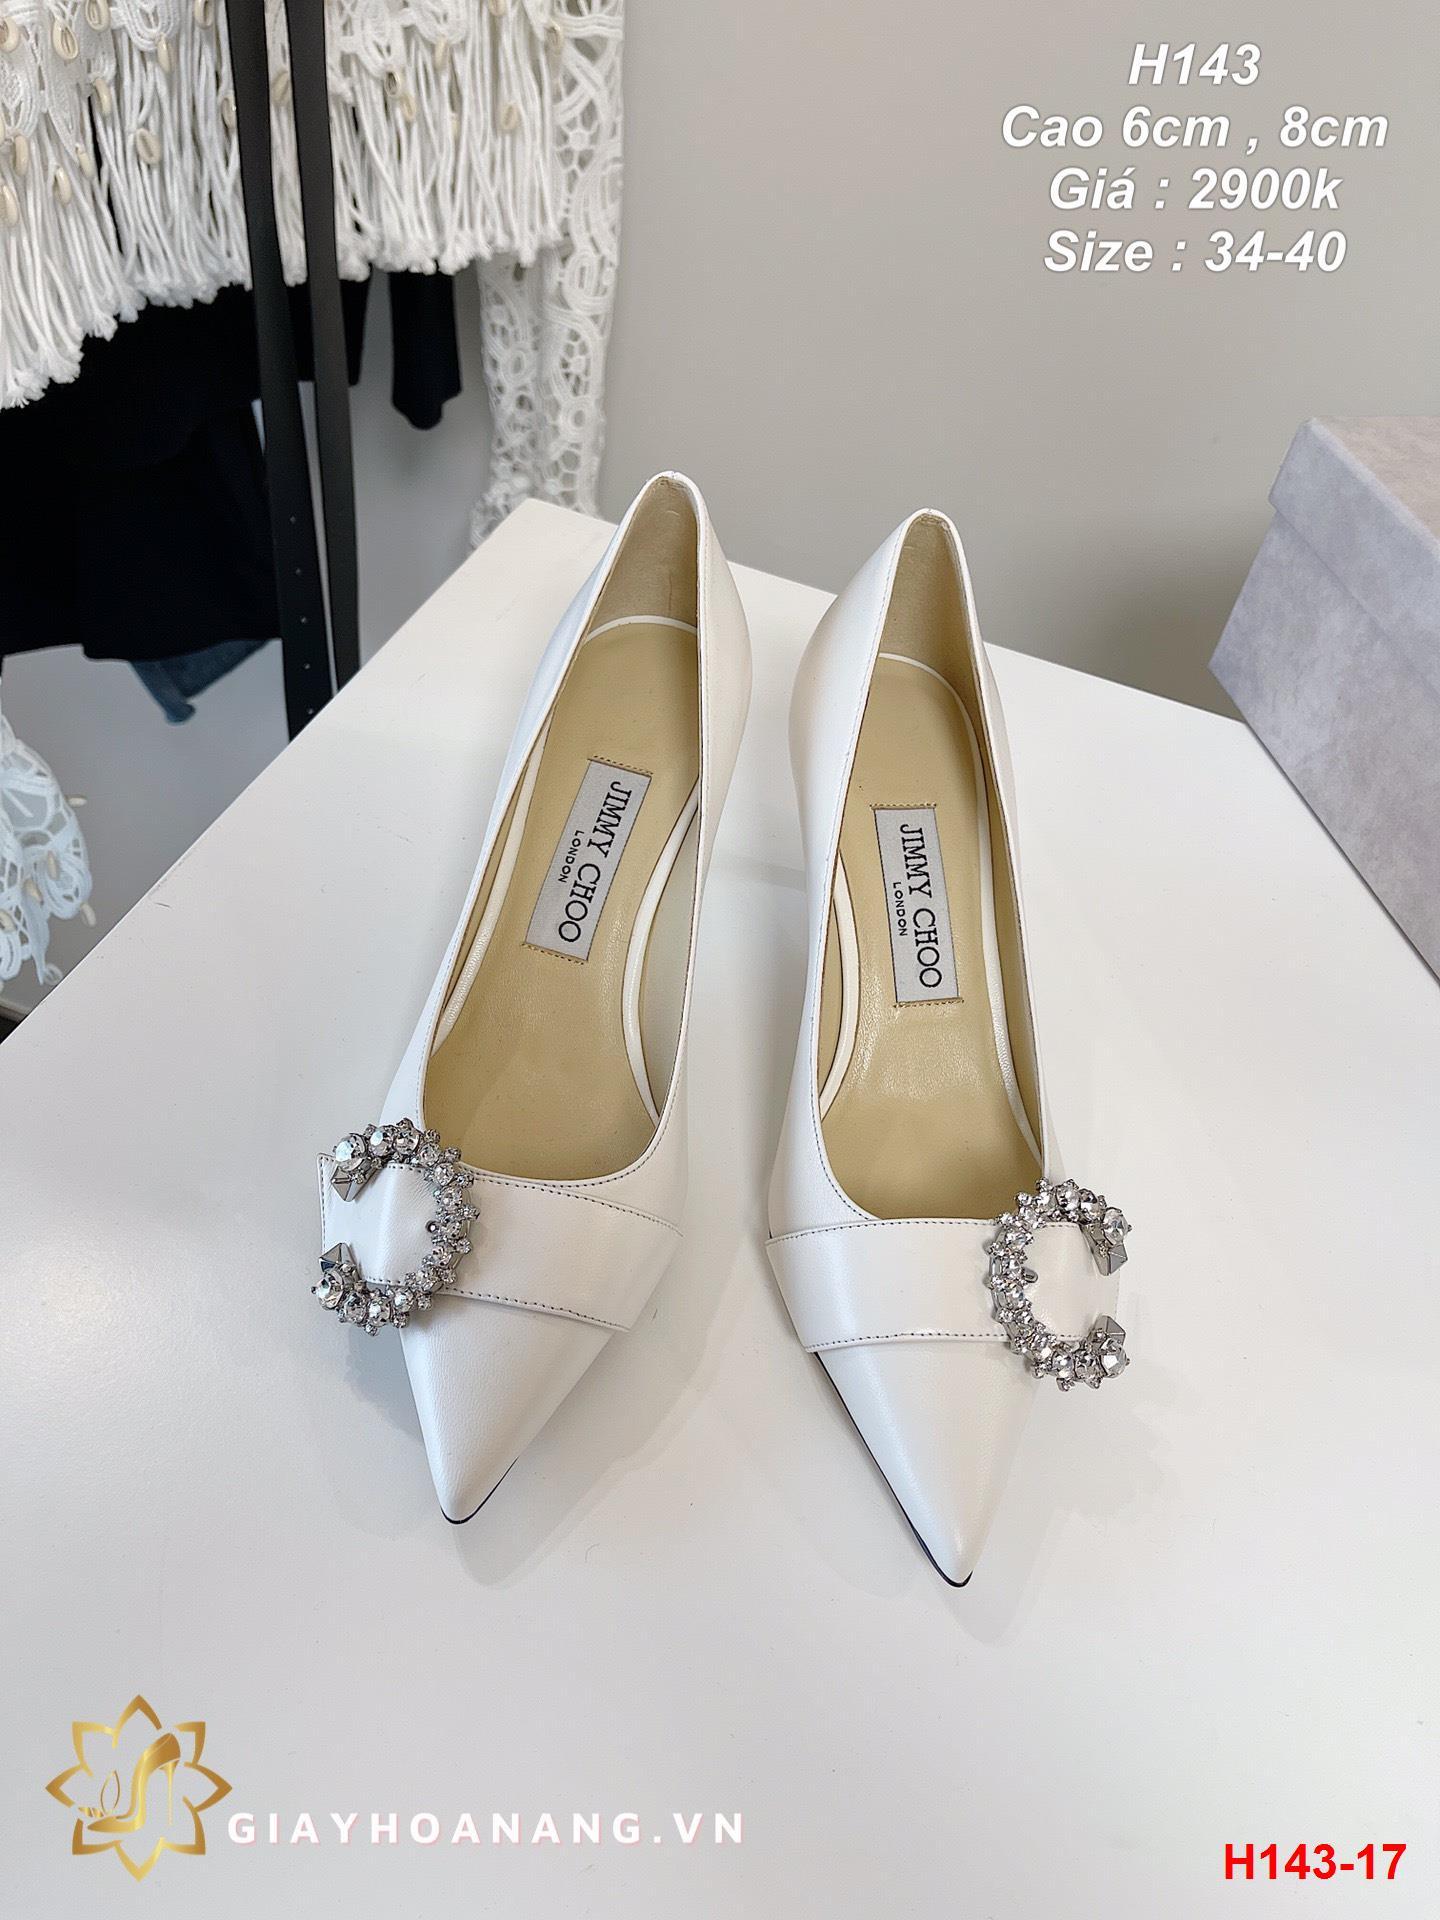 H143-17 Jimmy Choo giày cao 6cm , 8cm siêu cấp